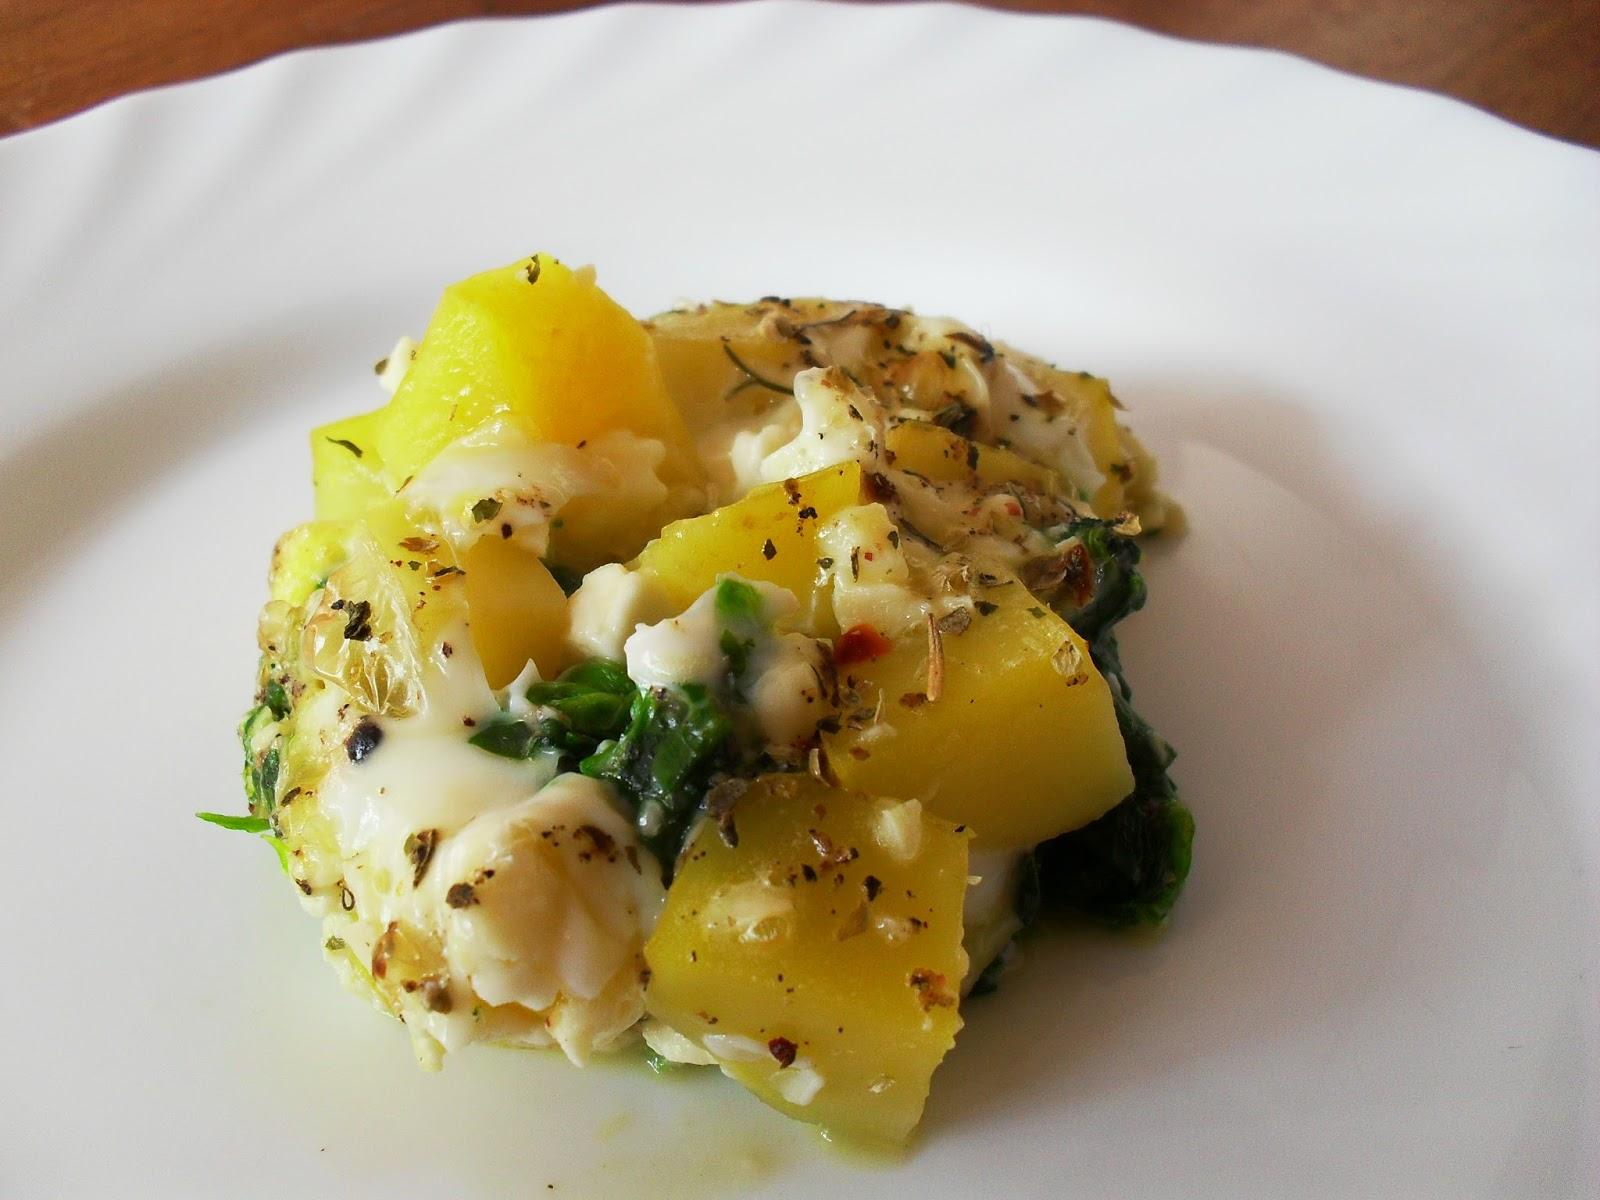 Gingers Hexenküche: Spinat mit Ei und Kartoffel mal anders